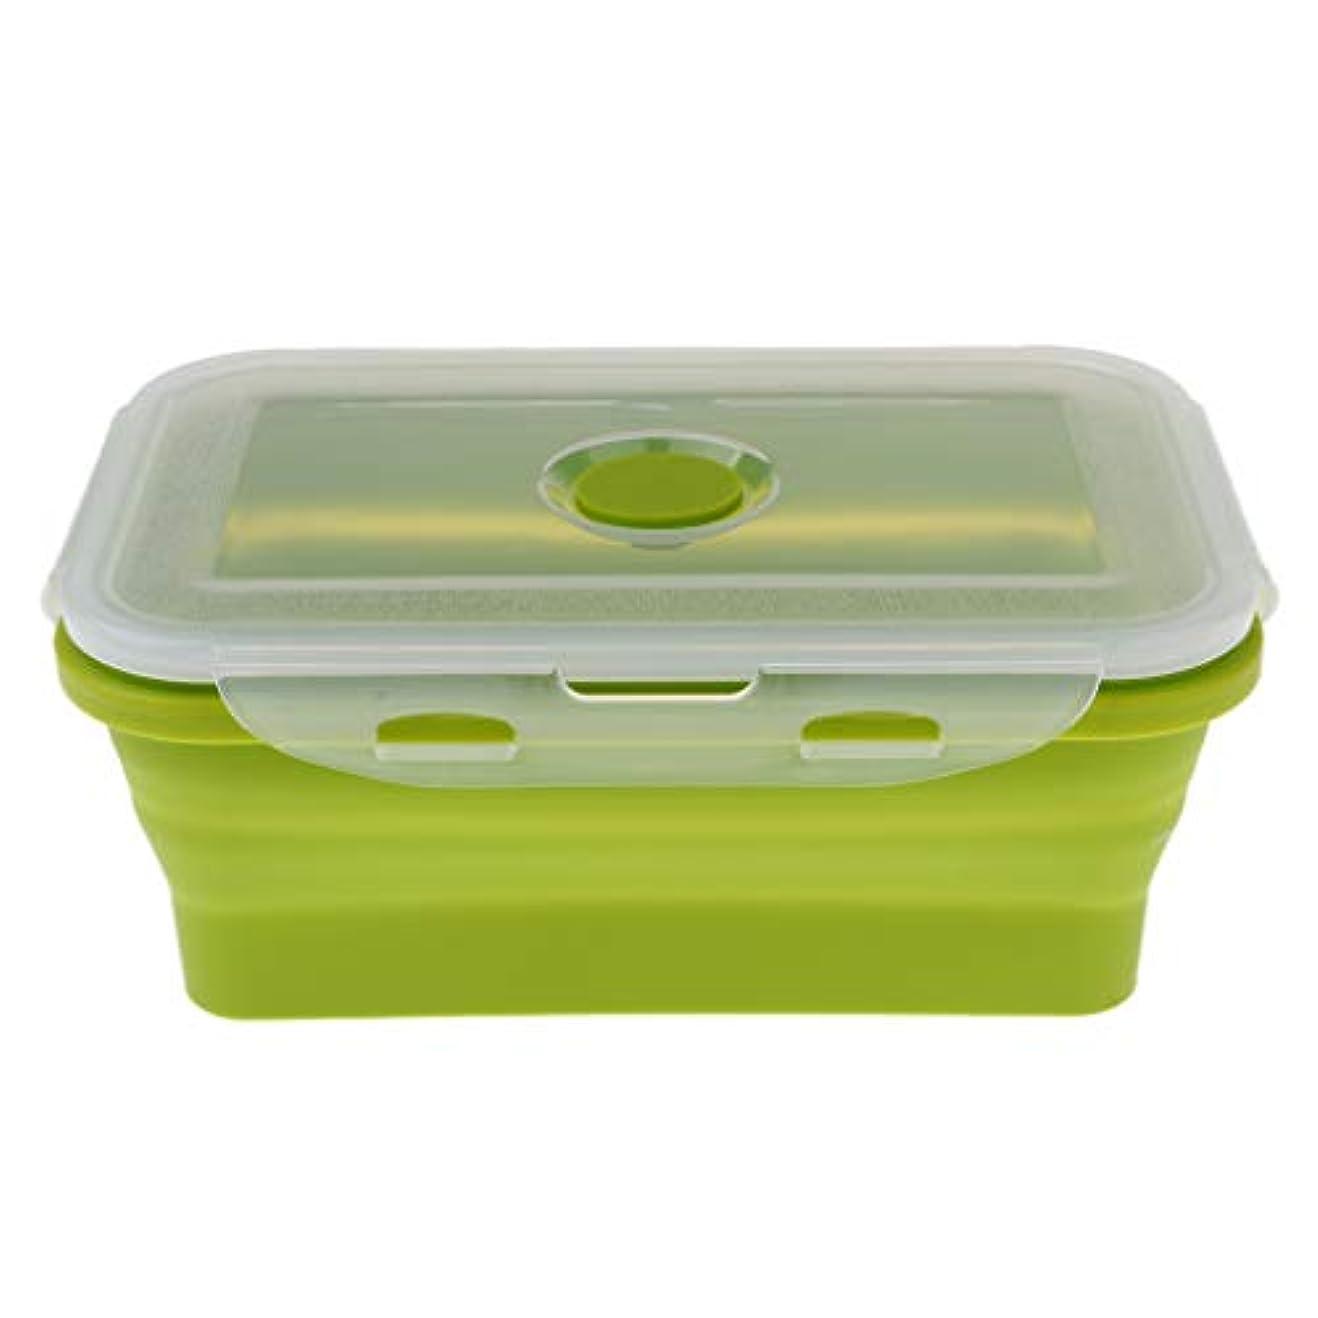 時間厳守ローマ人捨てるBaoblaze シリコン ランチボックス 食品保存容器 全4サイズ